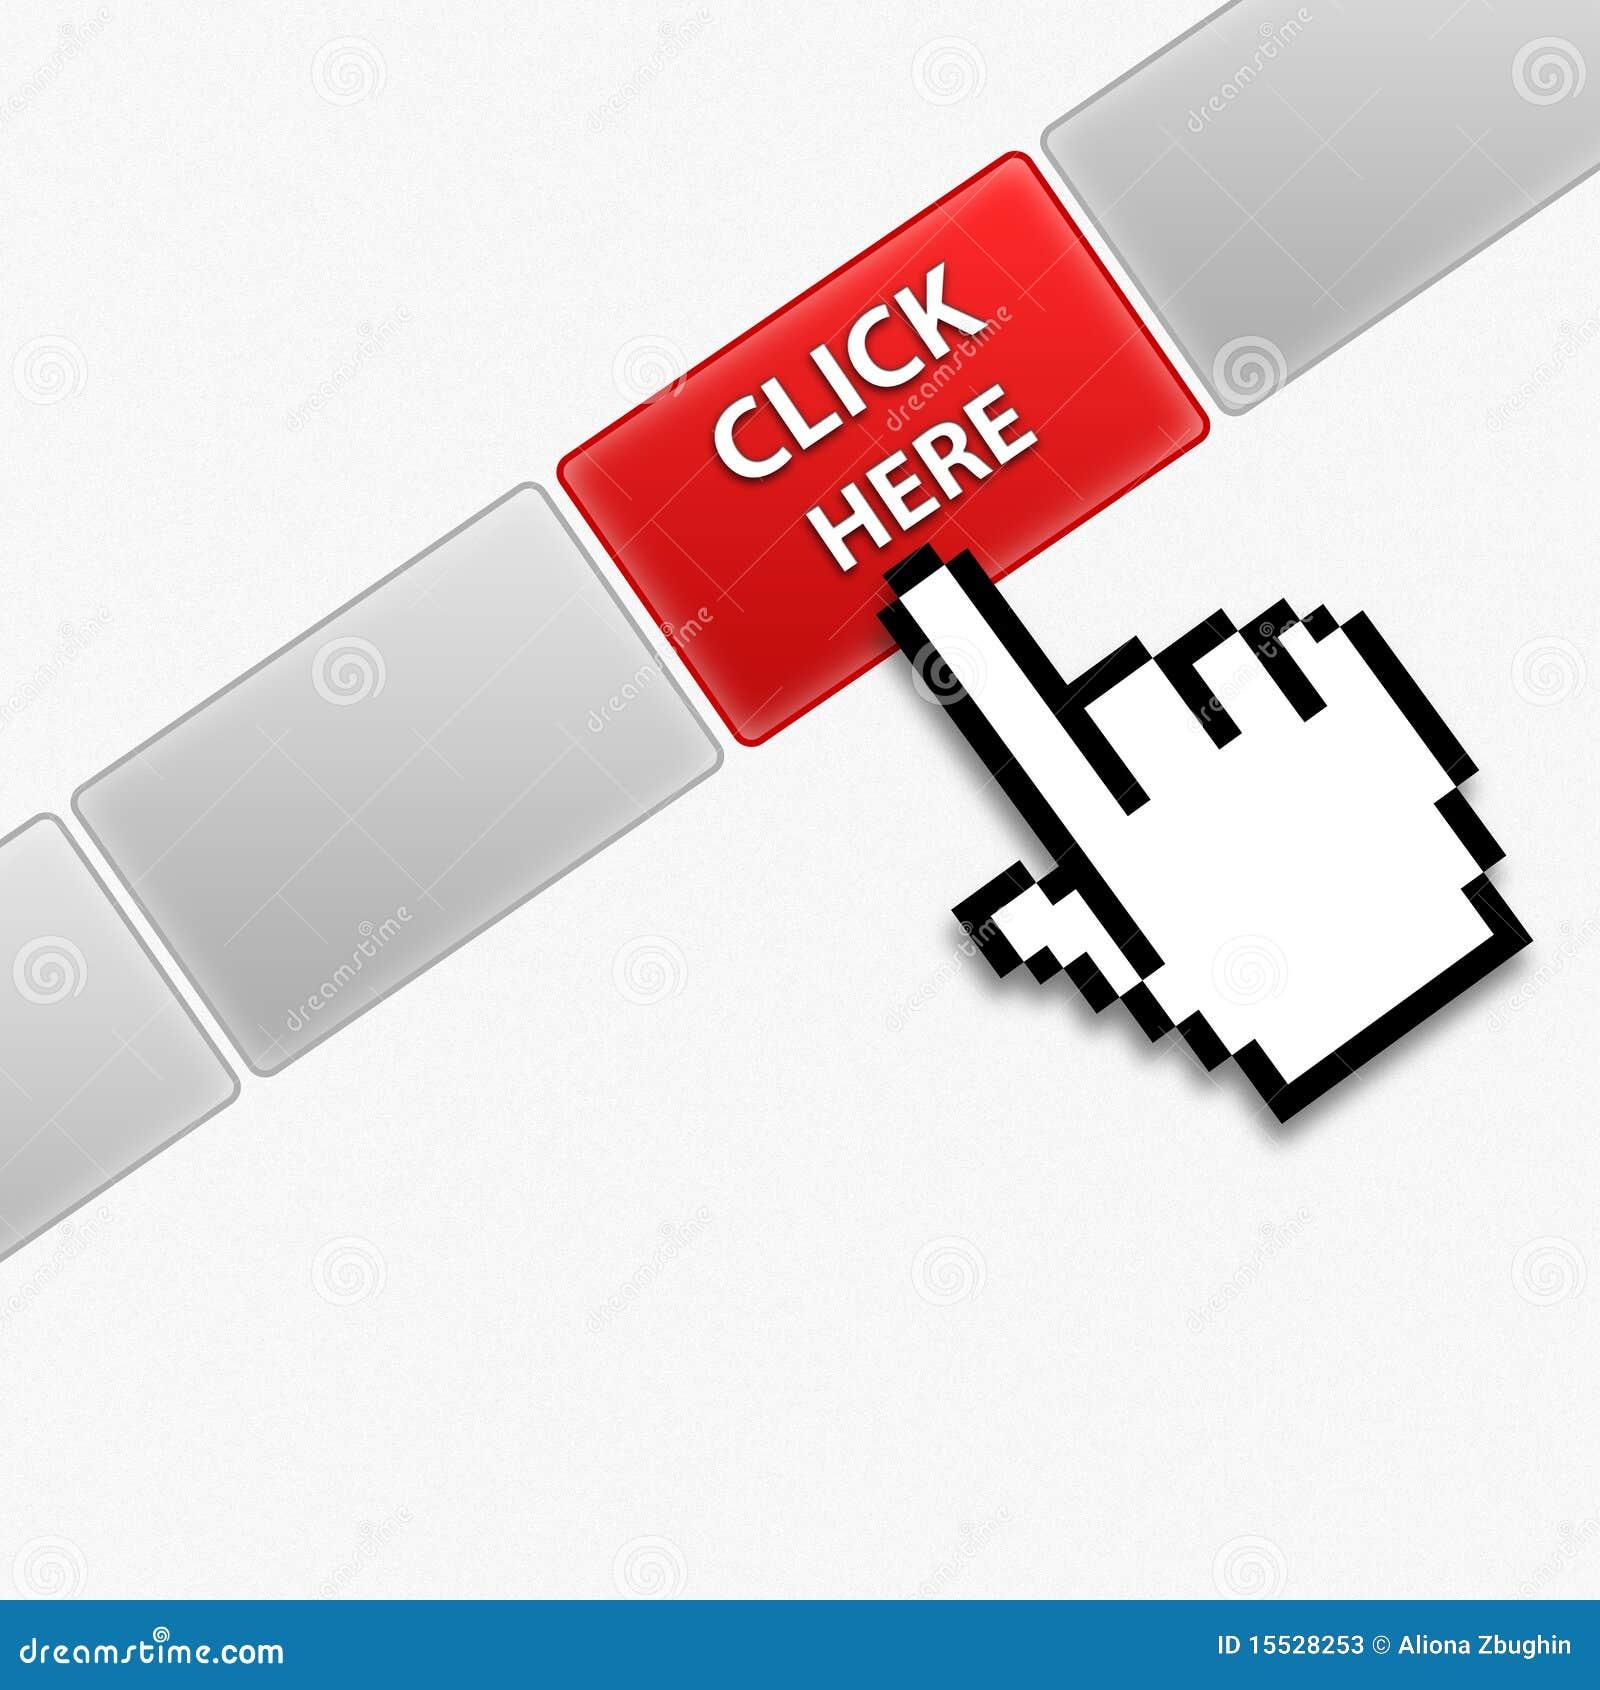 click here stock illustration image of pixels backgrounds 15528253. Black Bedroom Furniture Sets. Home Design Ideas